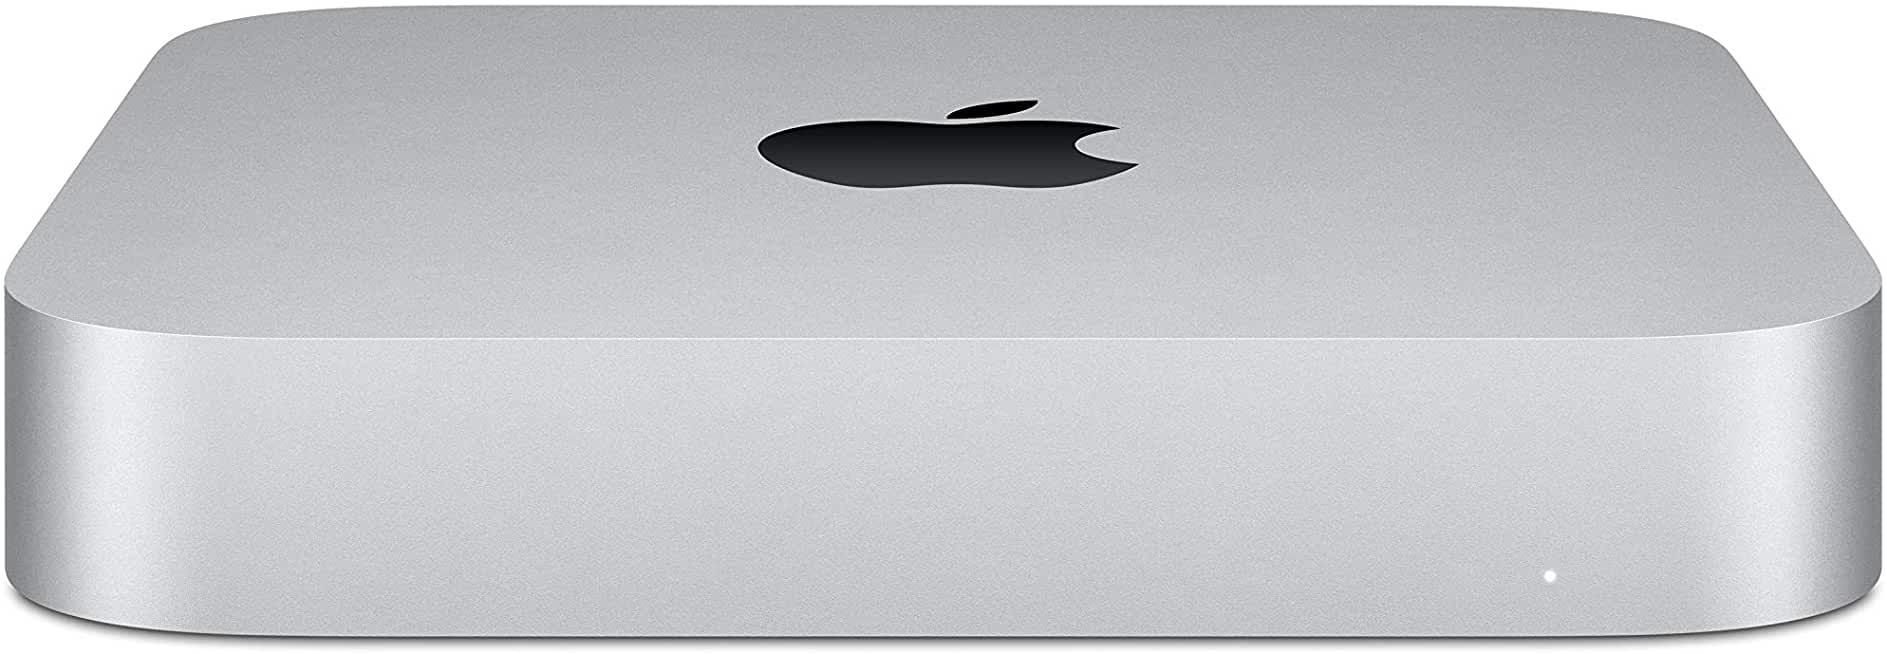 Ты чего такой мощный? что внутри у mac mini 2020 | appleinsider.ru